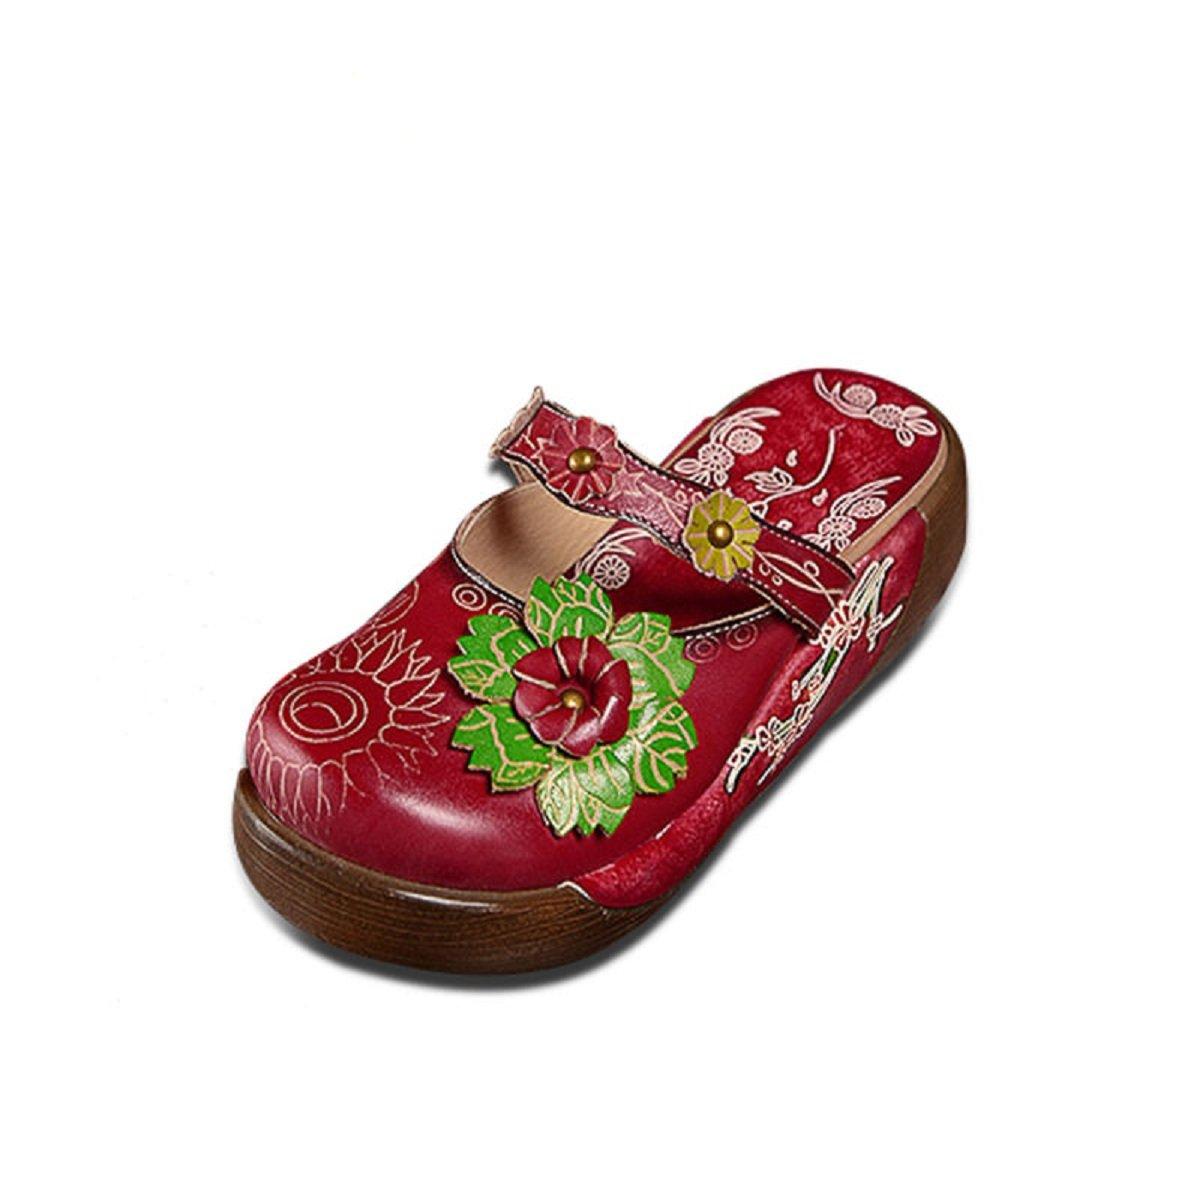 Socofy Sabots Femmes Filles, Chaussures Été Printemps en Cuir Mules avec Fleurs Colorés à Talons Compensés Plateformes Clogs Ville pour Jardin Vacances Plage Design Original Confortable SOCOFYUKBEATT6376